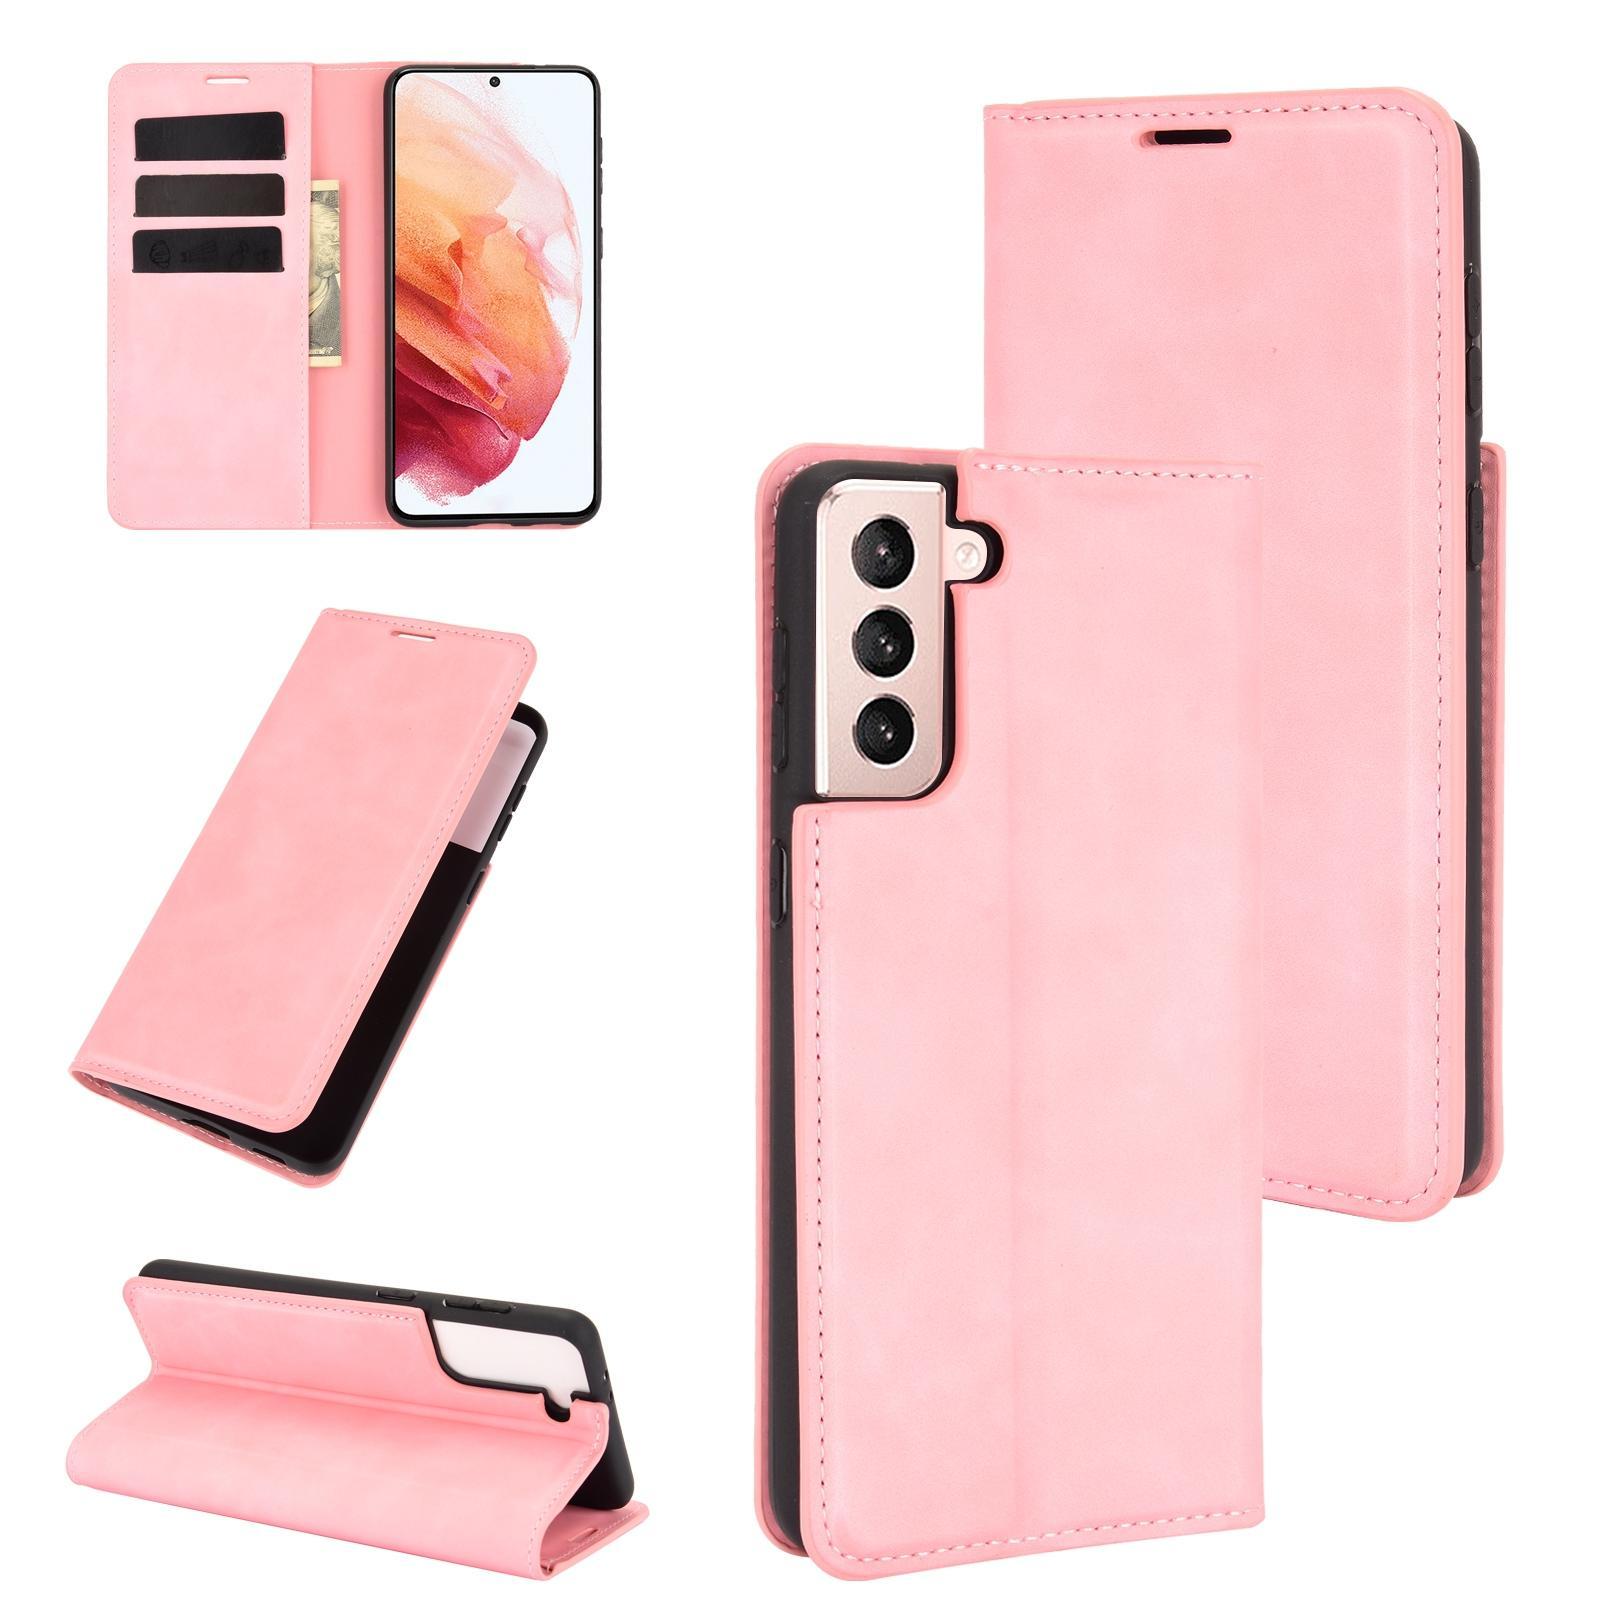 갤럭시 S21 레트로 디자인 가죽 지갑 핸드폰 케이스 (핑크)